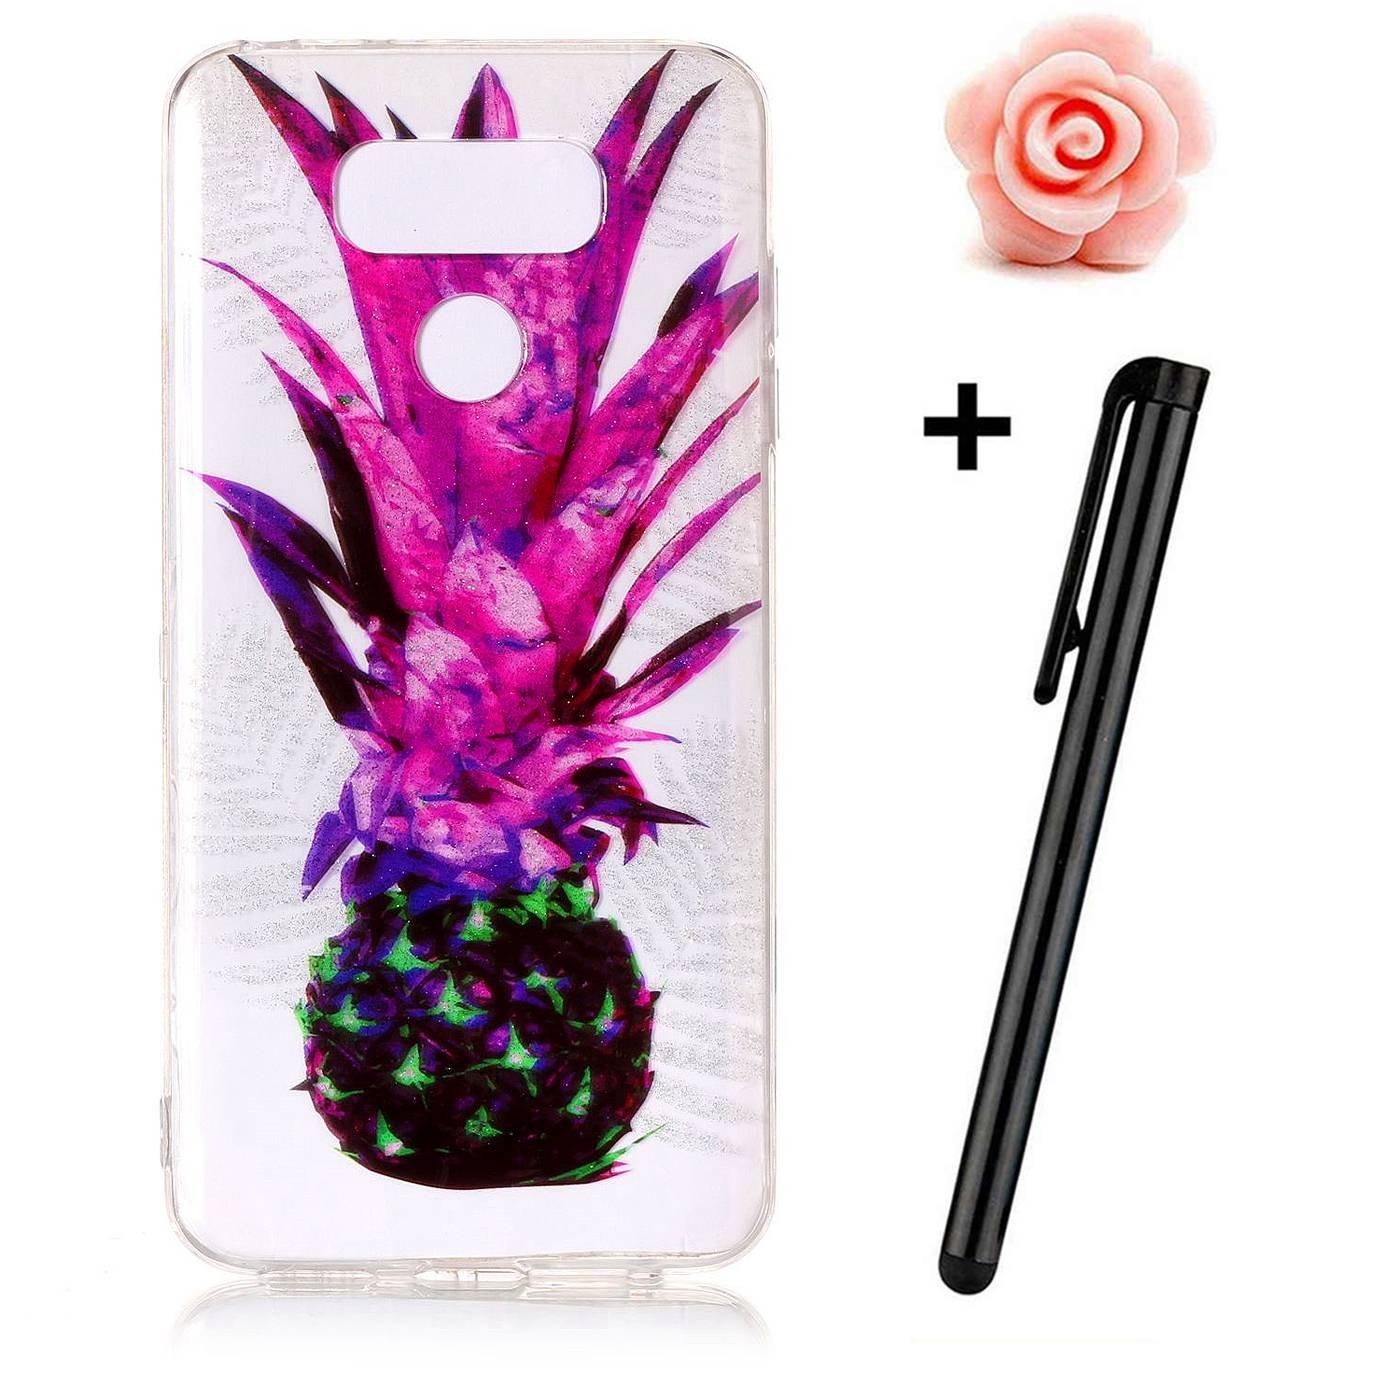 LG G6 Hü lle, LG G6 Silikon Case, LG G6 Glitzer Schutzhü lle, TOYYM Ultra Dü nn Soft Flexibel Durchsichtig TPU Gel Luxus Handy Tasche Cover mit Kreativ Bling Bunte Blume Muster Design, Kristall Transparent Bumper Mä dchen Schutz Hü